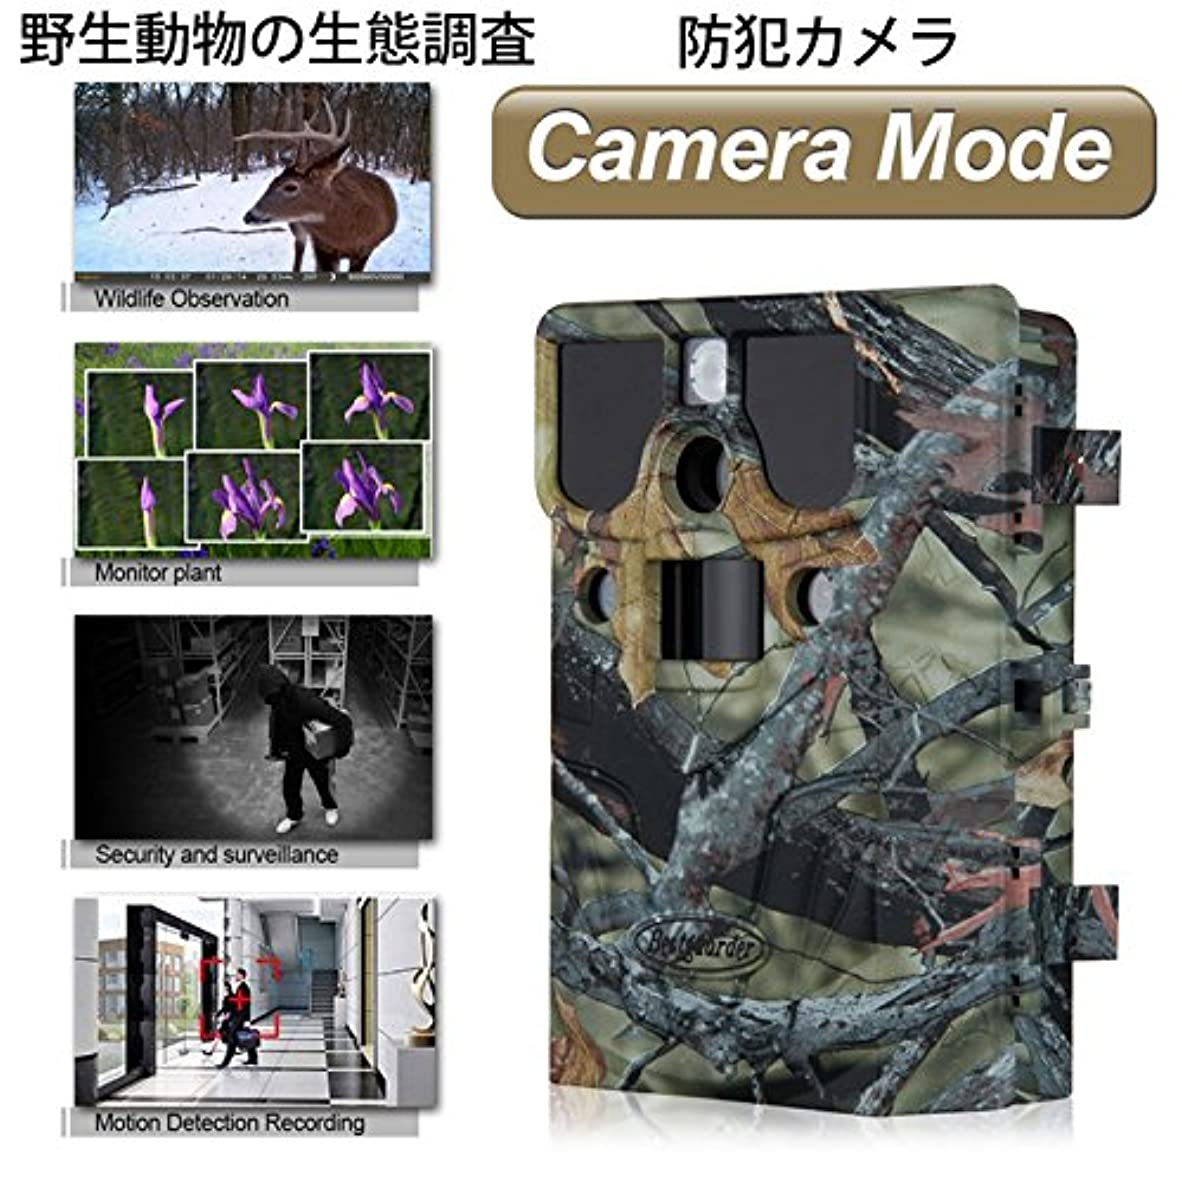 十代の若者たち決定的外部[Origin] 1200万画素 夜間カラー撮影 無線トレイルカメラ 日本語システム 940nm不可視赤外線 防水 連写機能 動物撮影 ハンティングカメラ 野外防犯カメラ SG990V